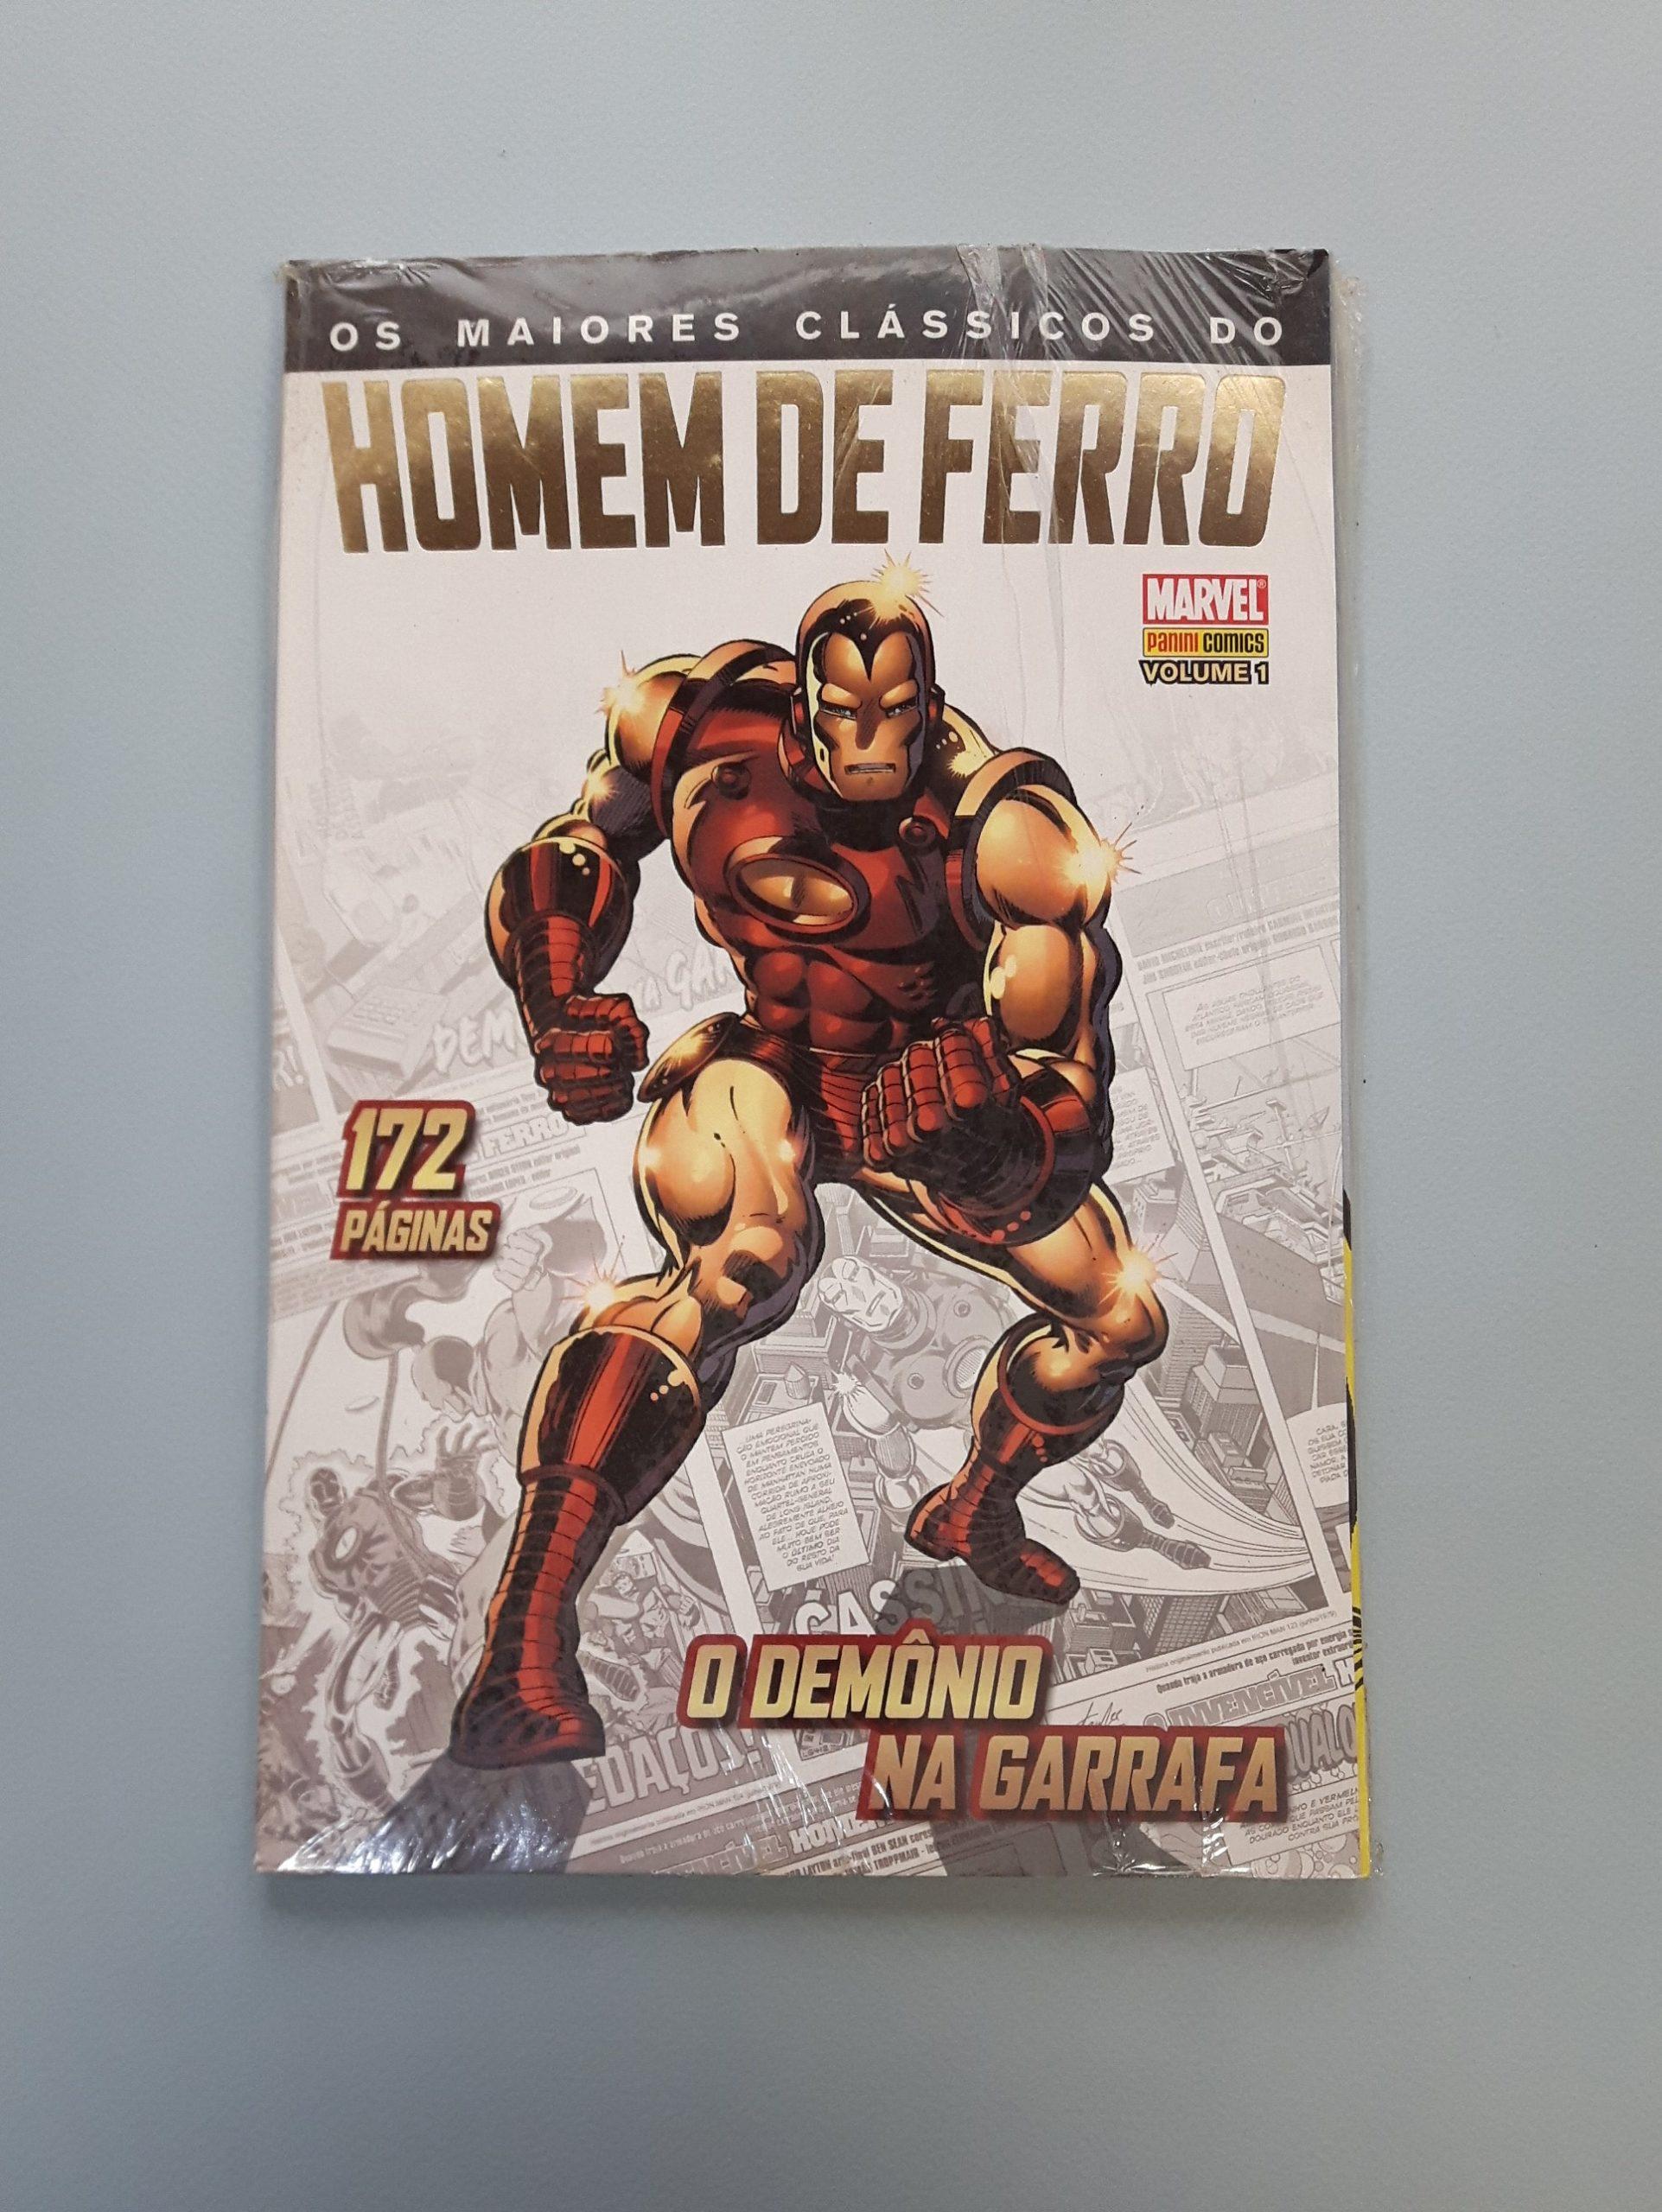 OS MAIORES CLÁSSICOS DO HOMEM DE FERRO